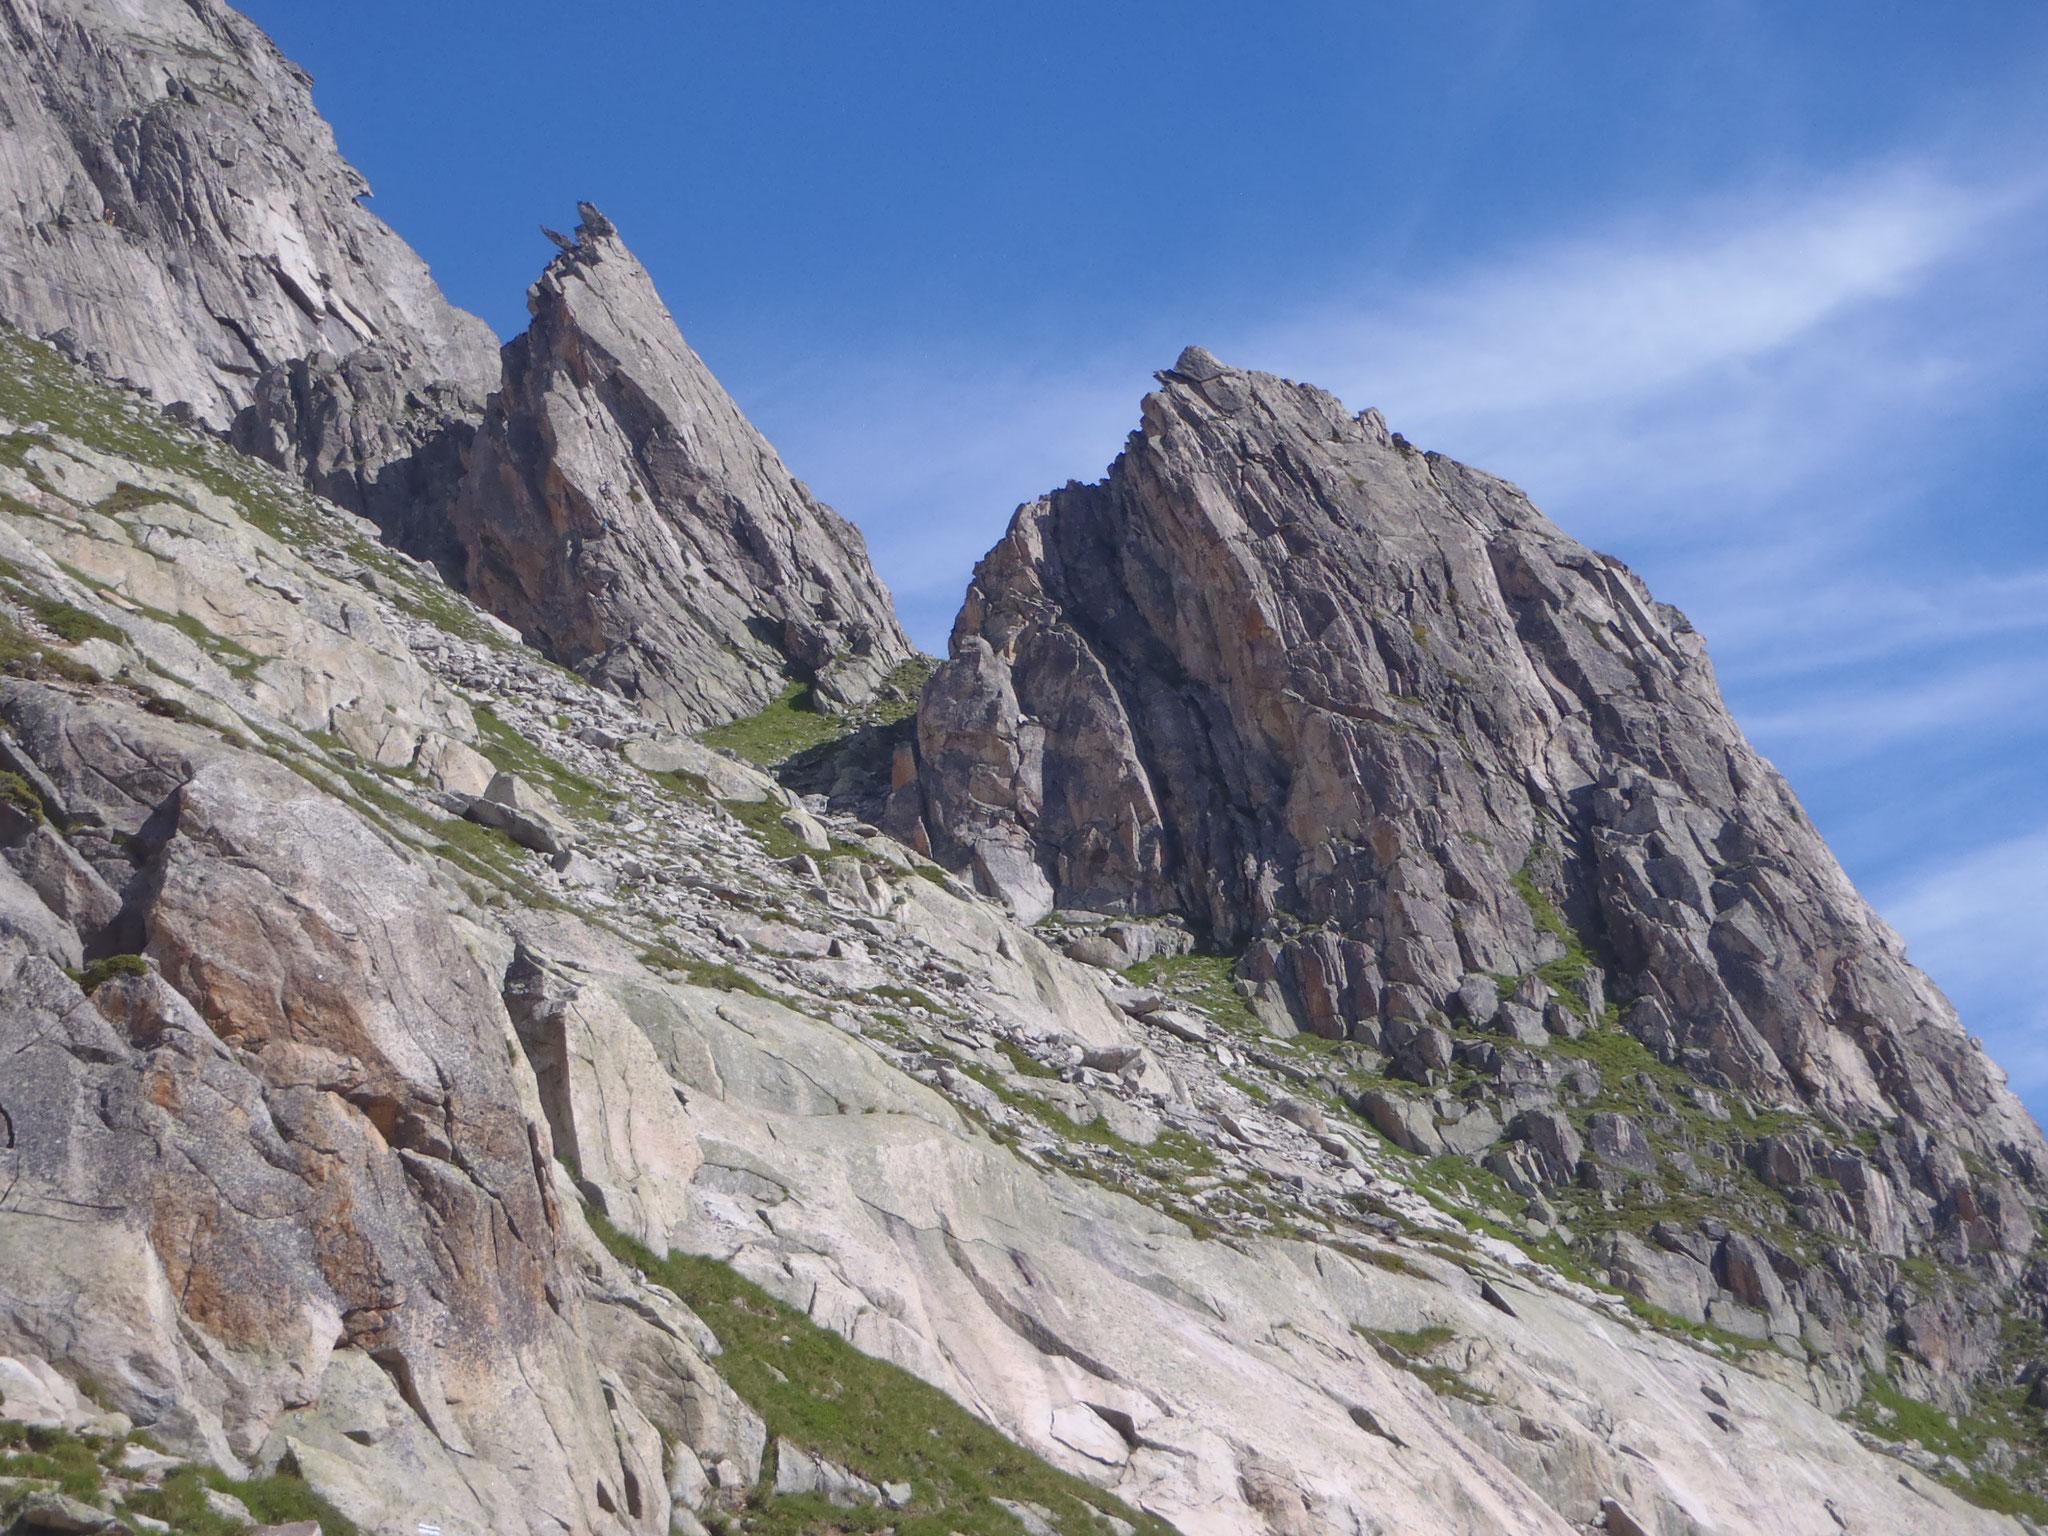 Klettersteig Krokodil : Schweiz klettersteige am sustenpass